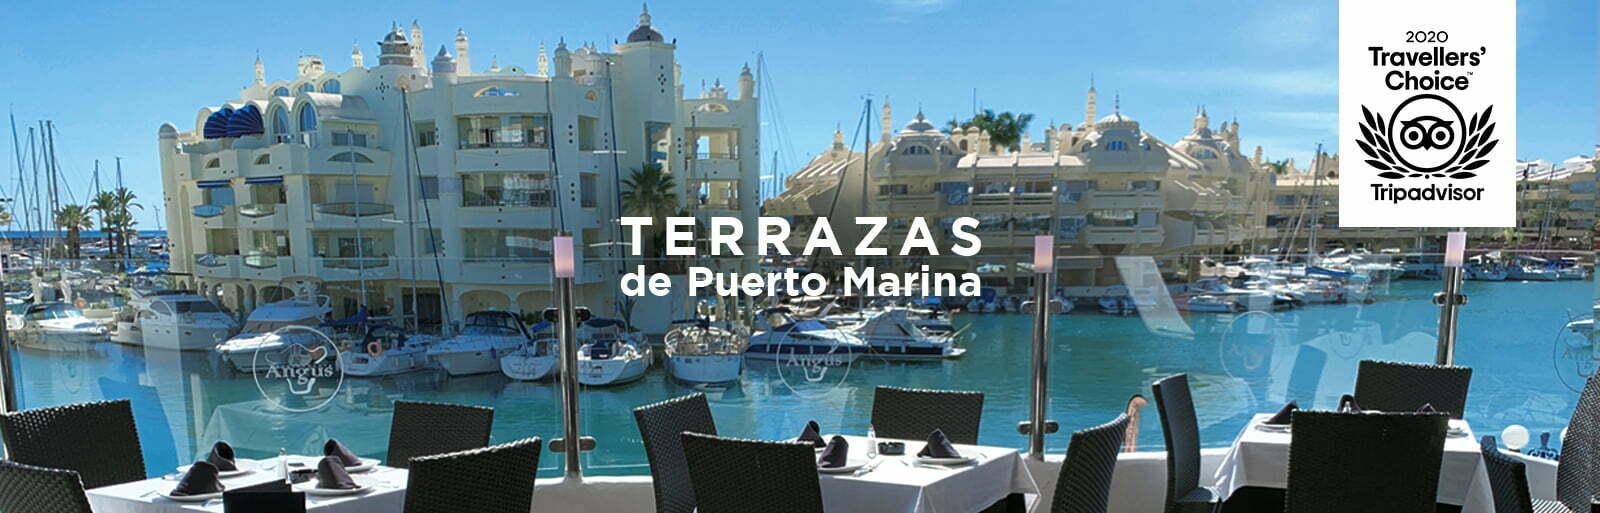 Terrazas puerto marina benalmadena